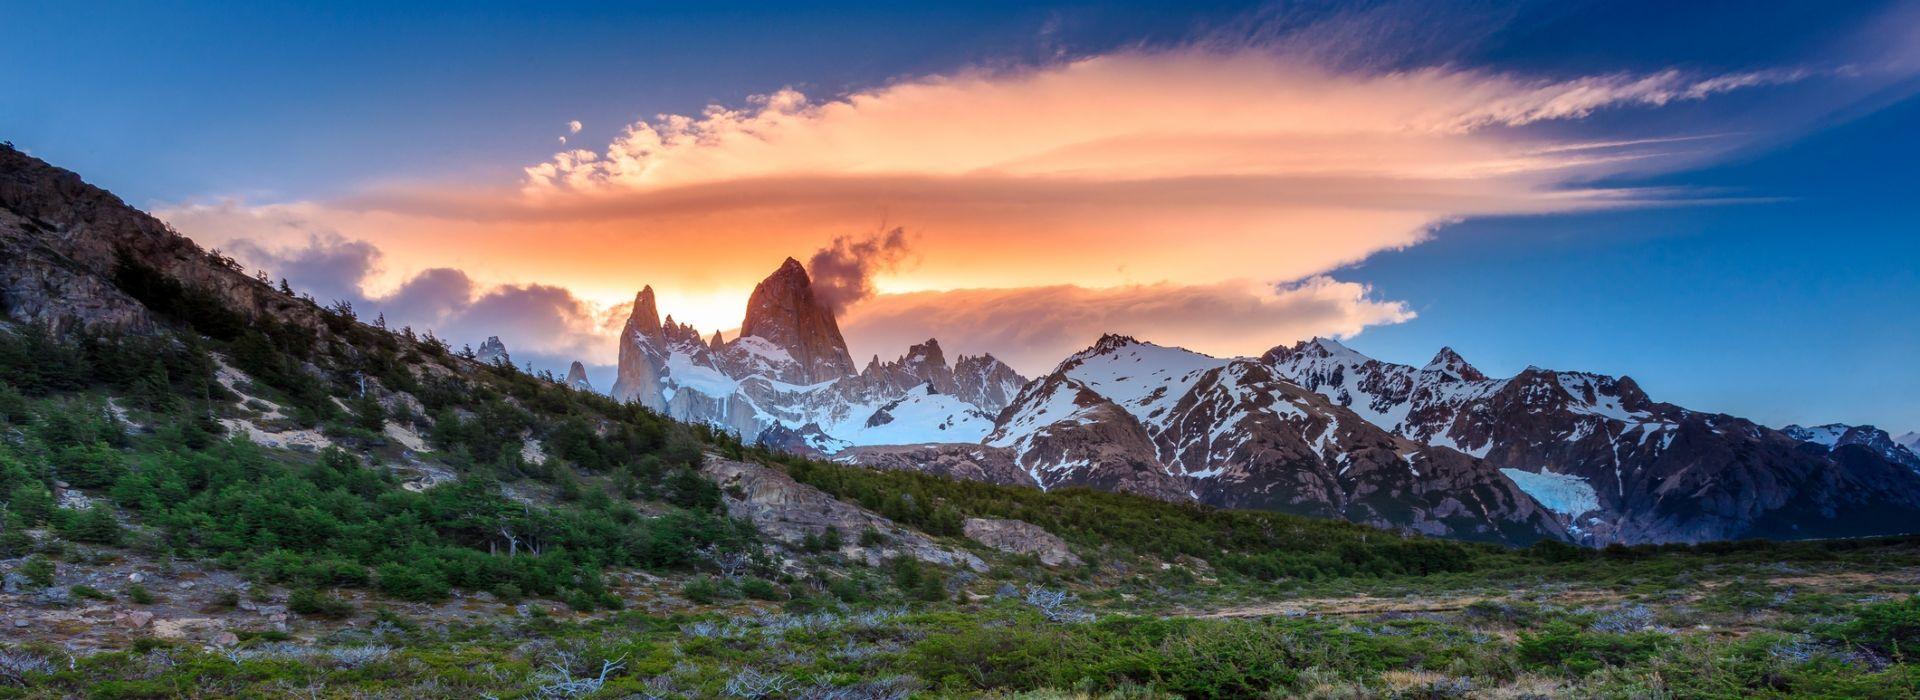 Adventure Tours in Argentina